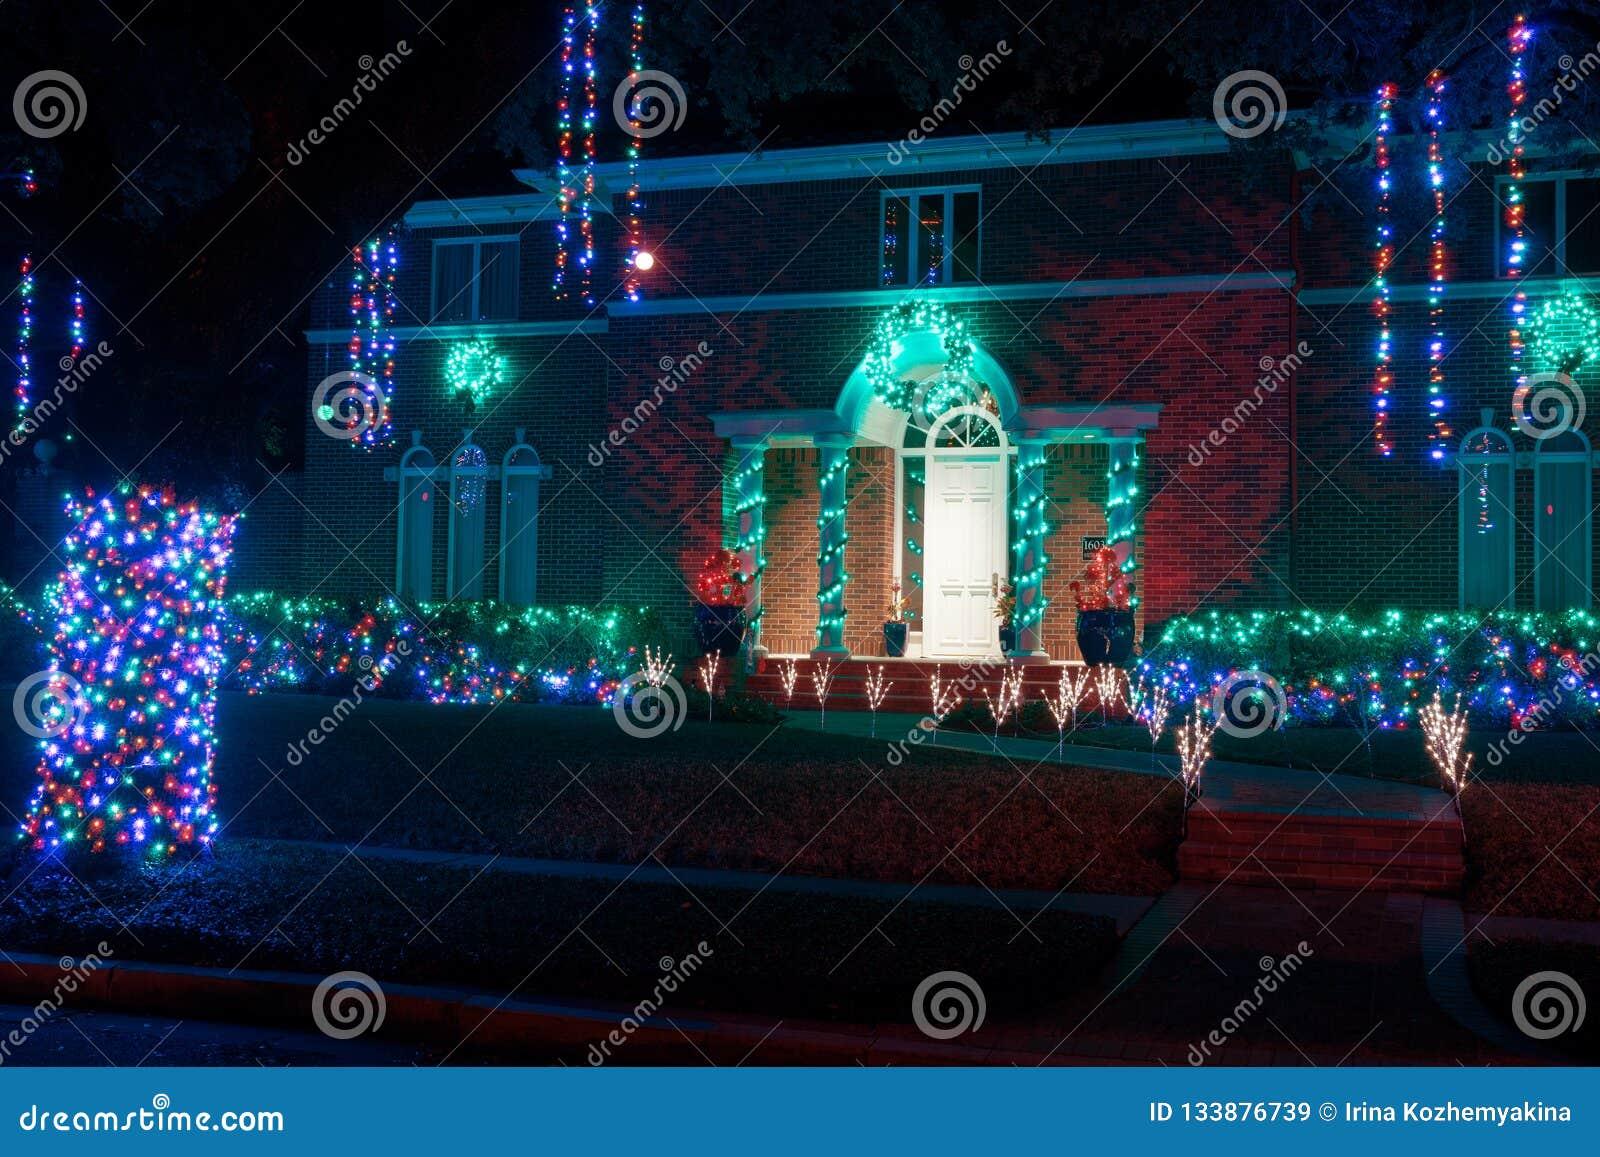 Όμορφη είσοδος σπιτιών που διακοσμείται για τα Χριστούγεννα Χριστούγεννα Deco